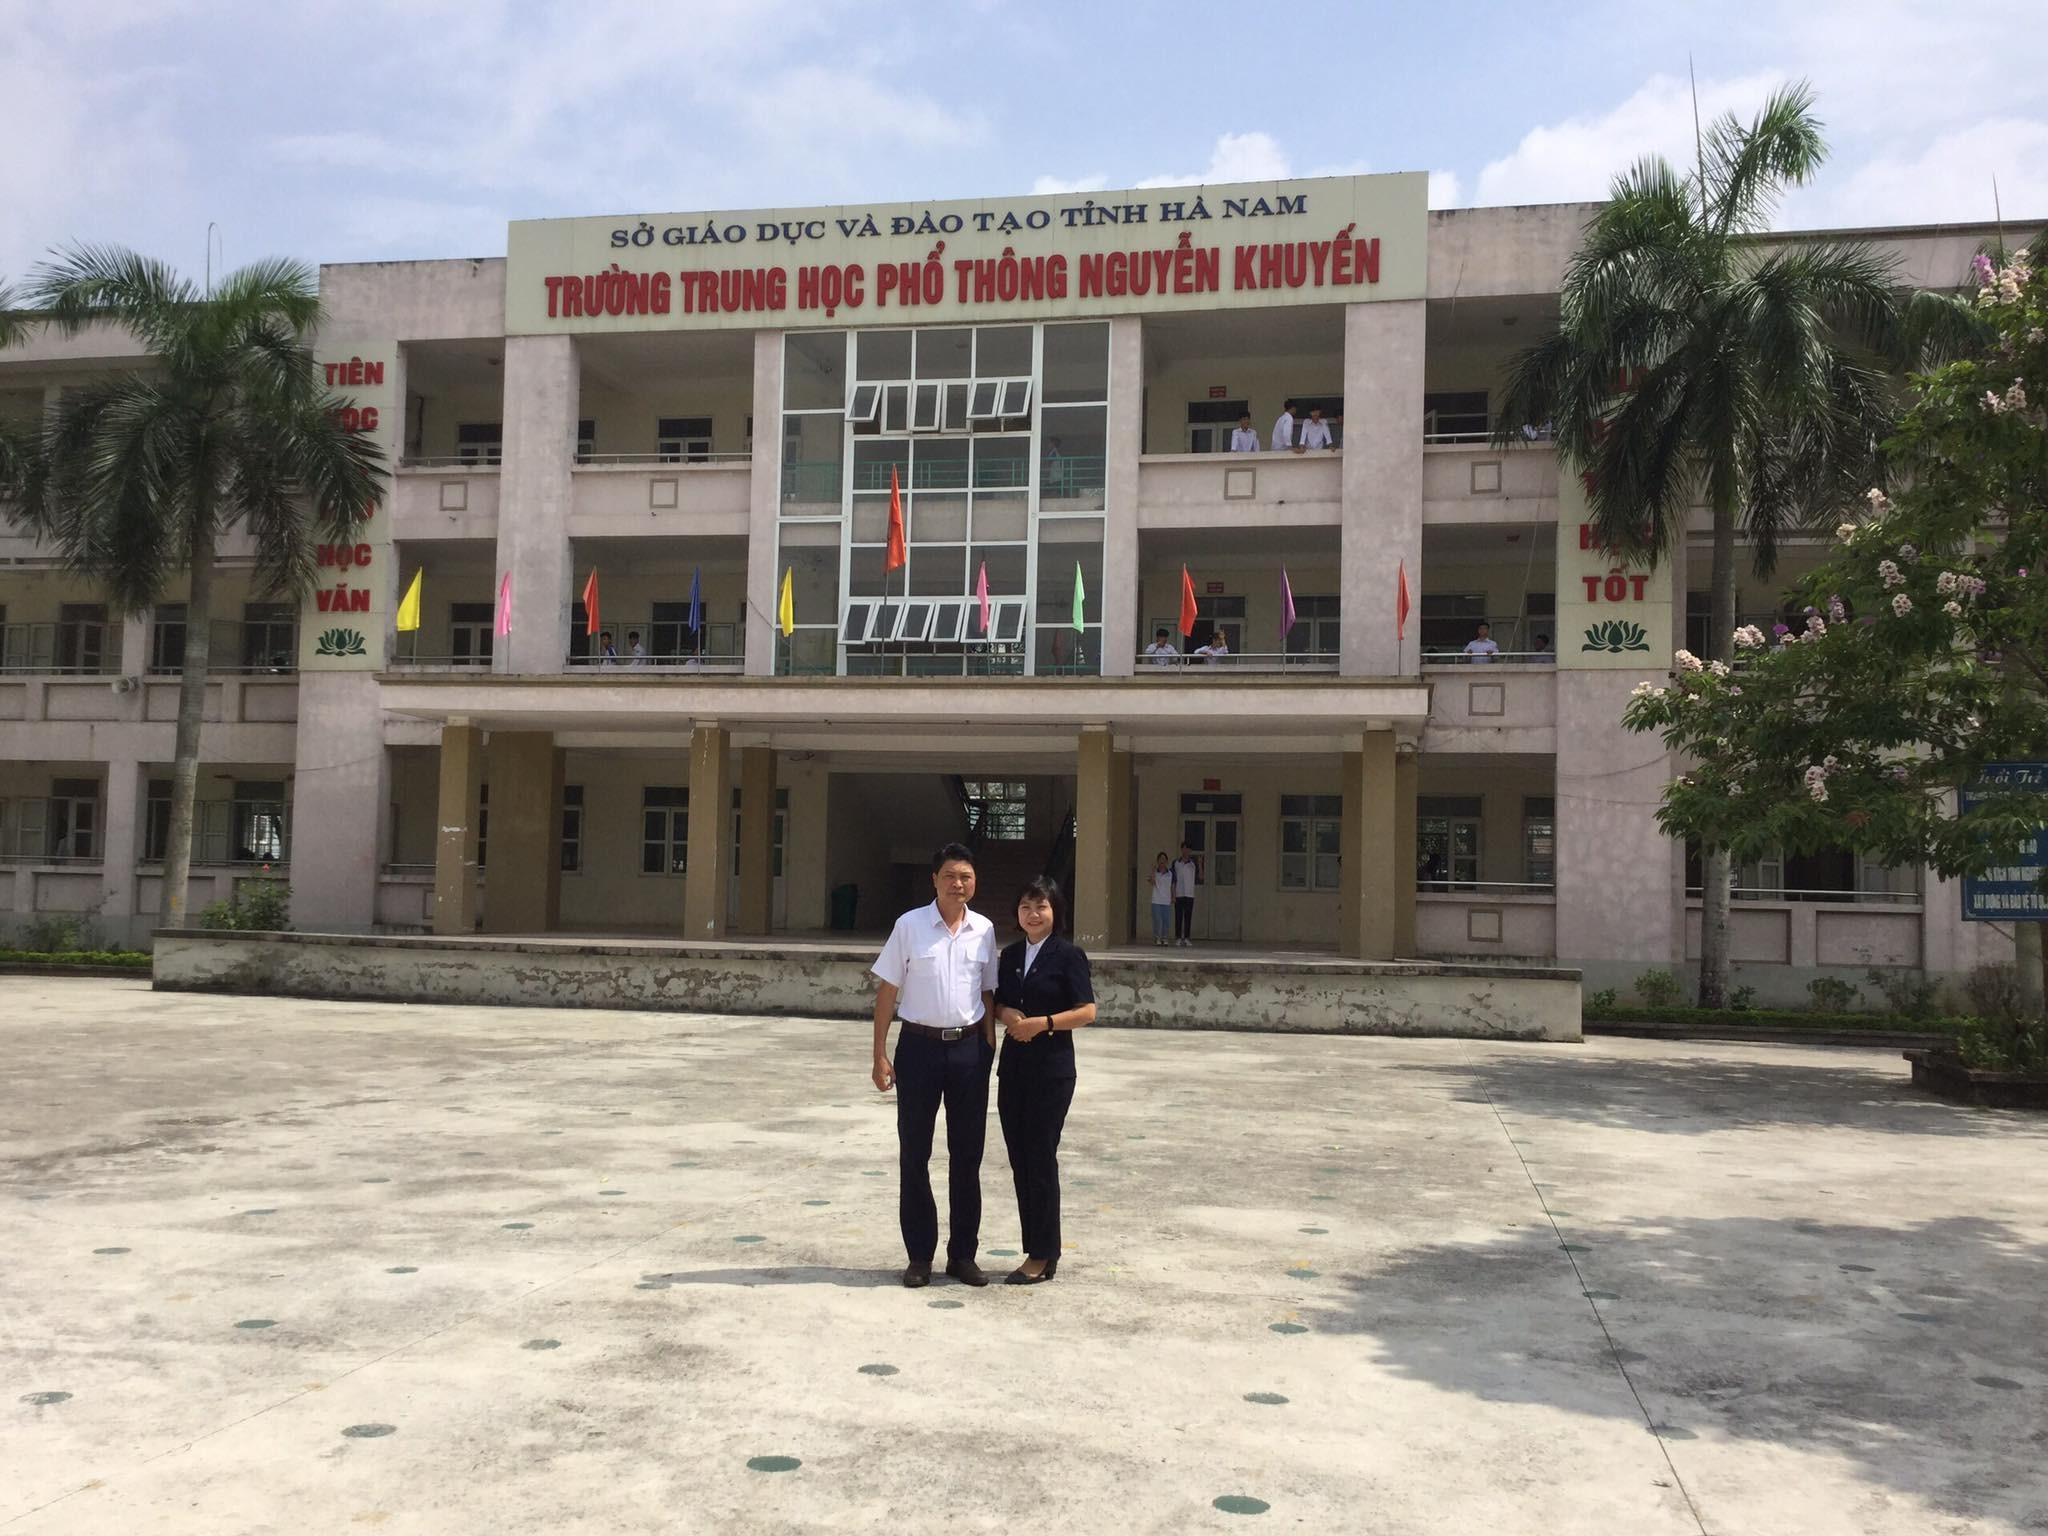 VNAS chuẩn bị cho buổi tạo đàm hướng nghiệp nghề Hàng không tại Trường THPT Nguyễn Khuyến tỉnh Hà Nam